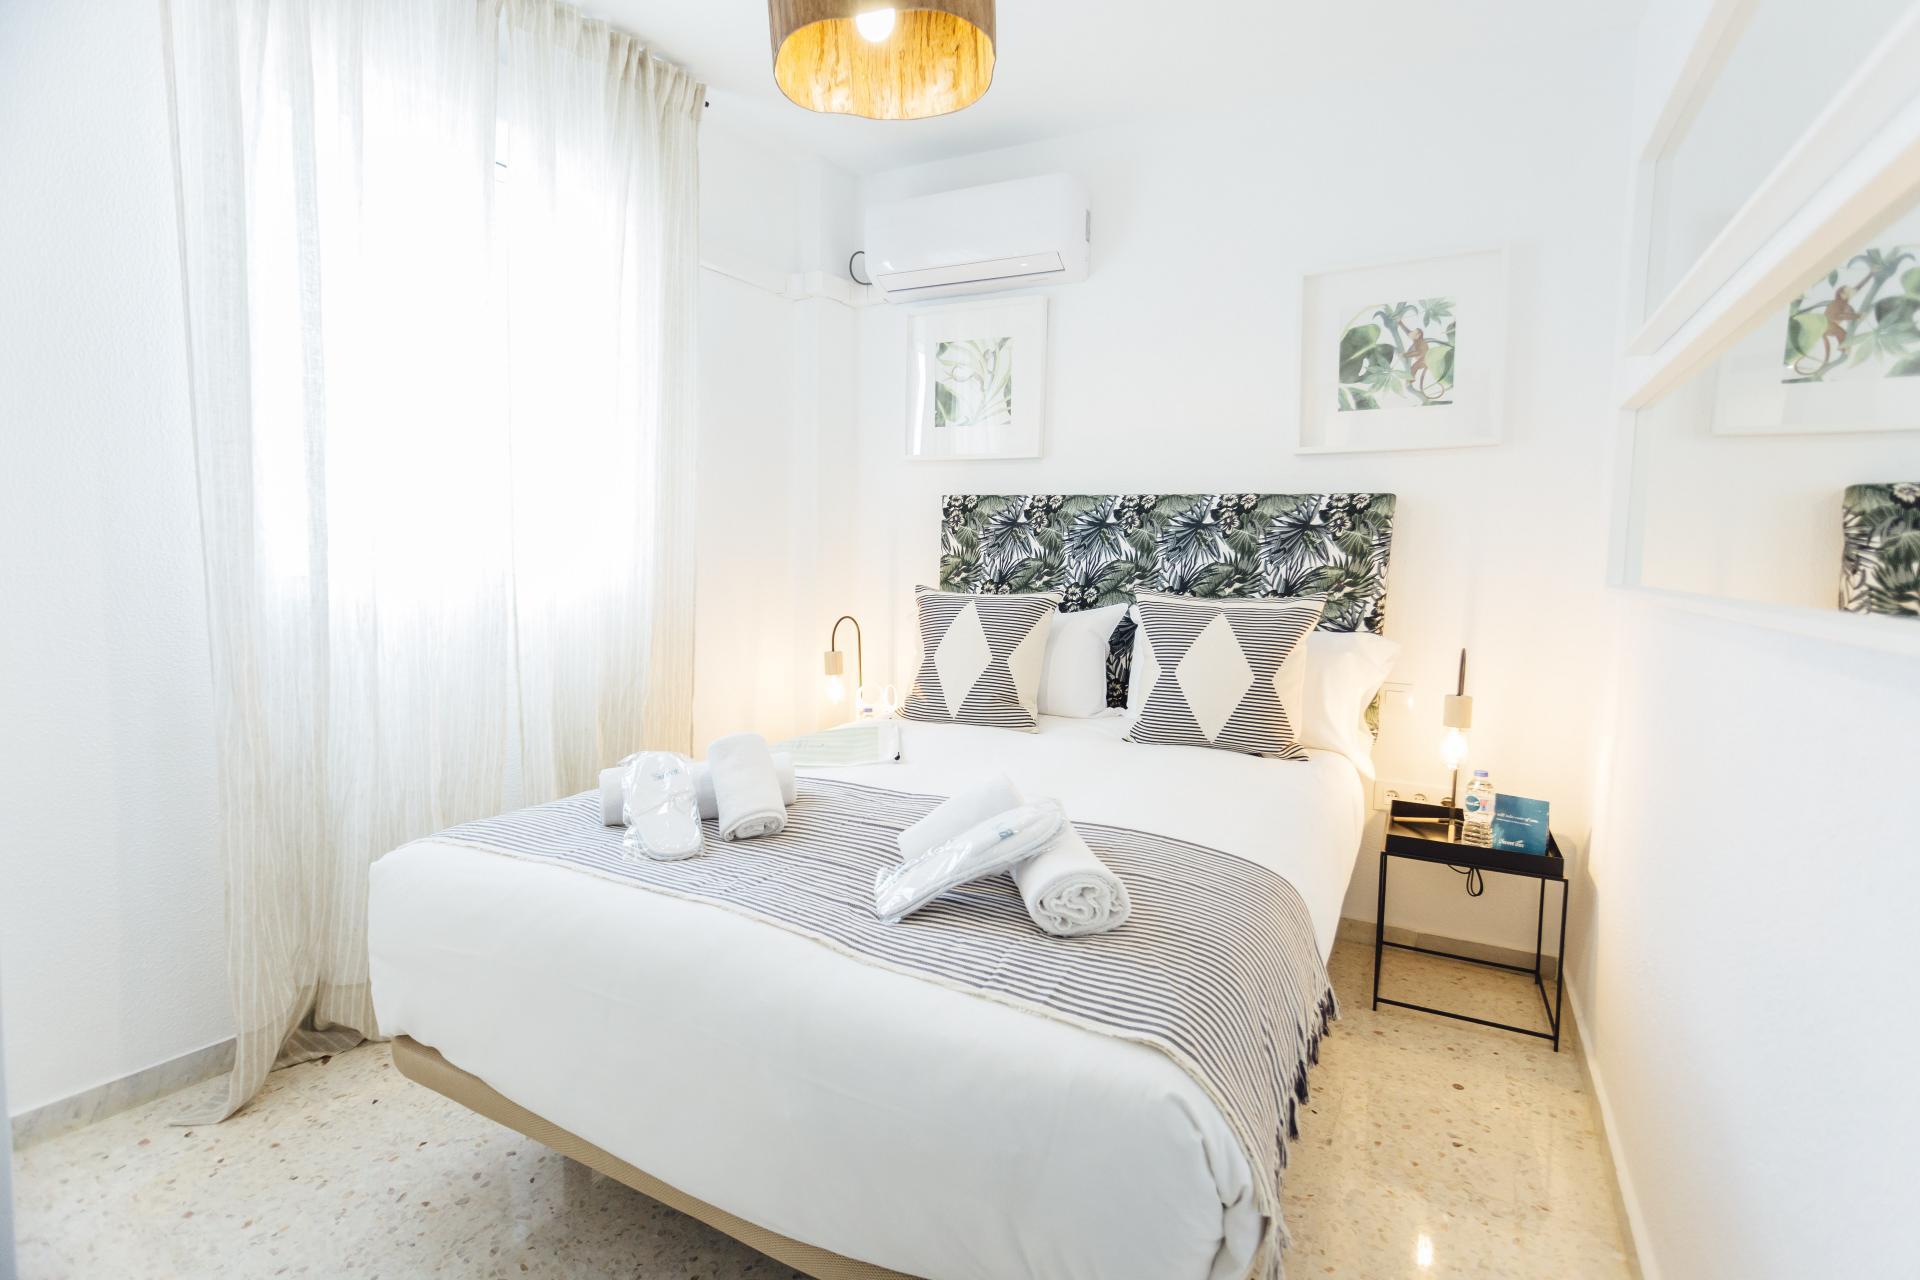 Bedroom at Plaza de Zurradores Apartment